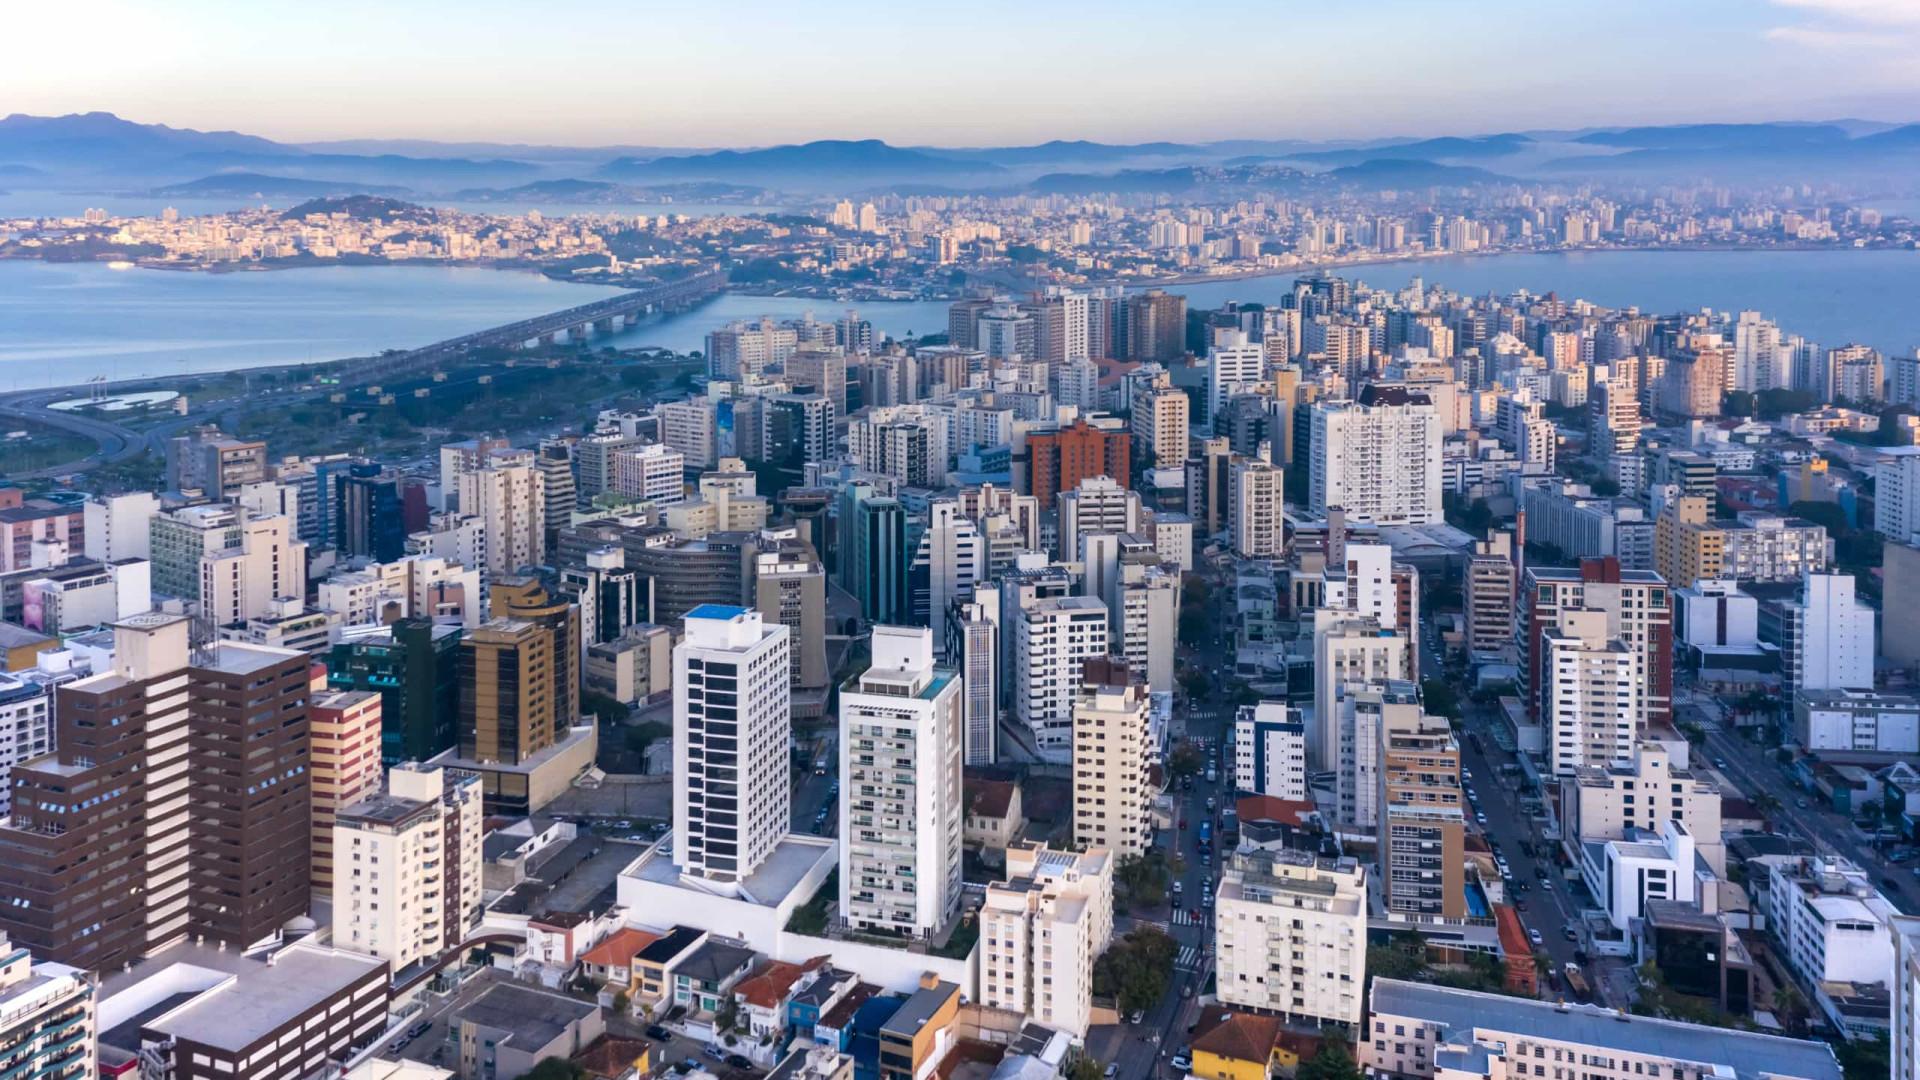 Governo quer vender imóveis na praia e criar 'Cancúns' em Angra e Florianópolis